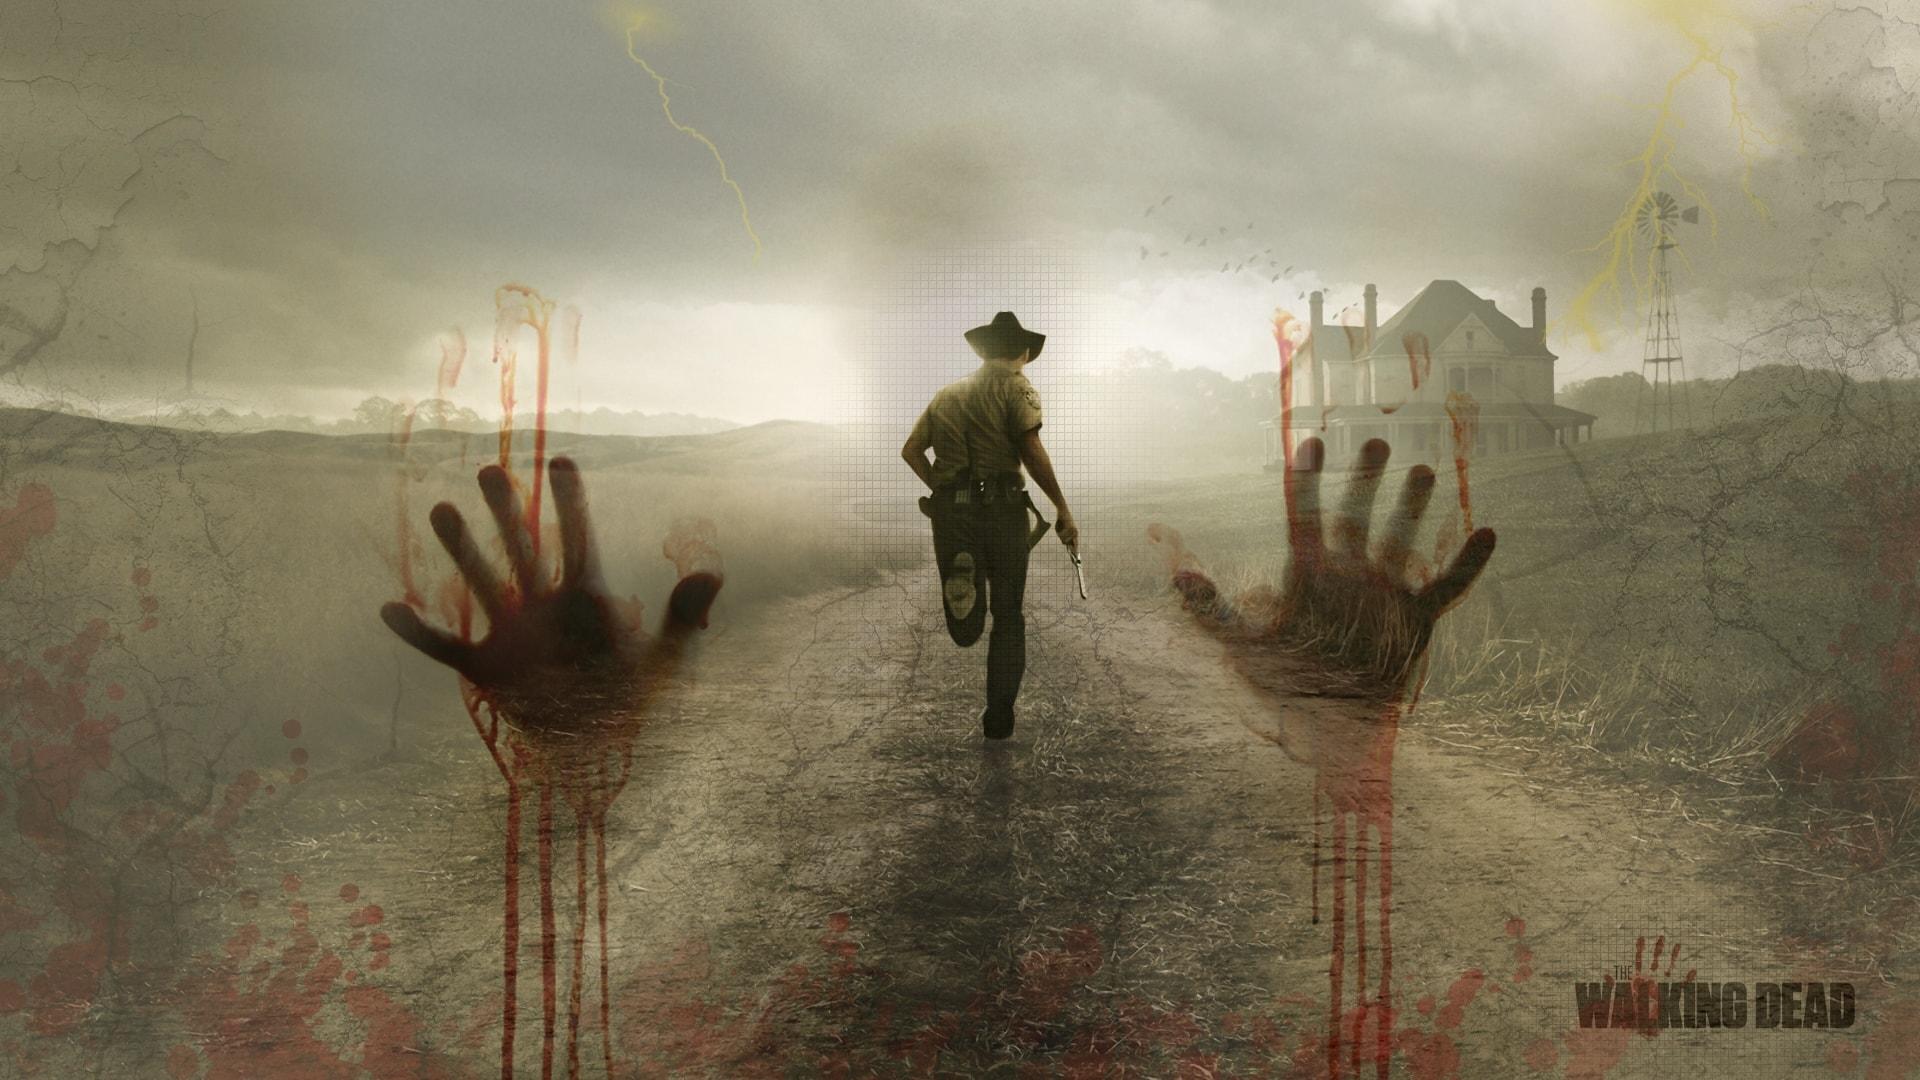 The Walking Dead Wallpapers hd